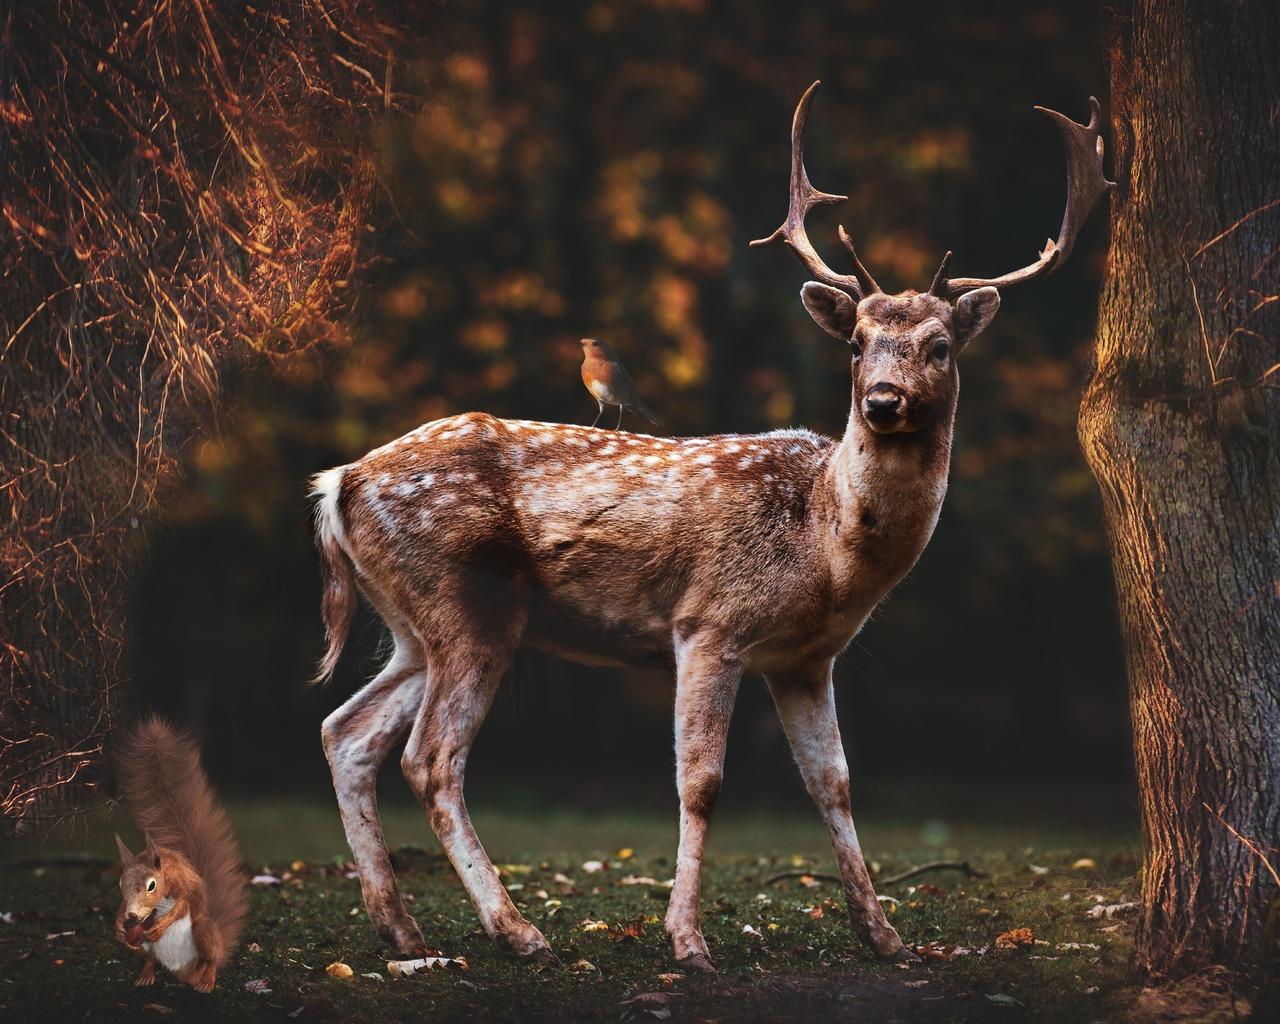 природа, животное, олень